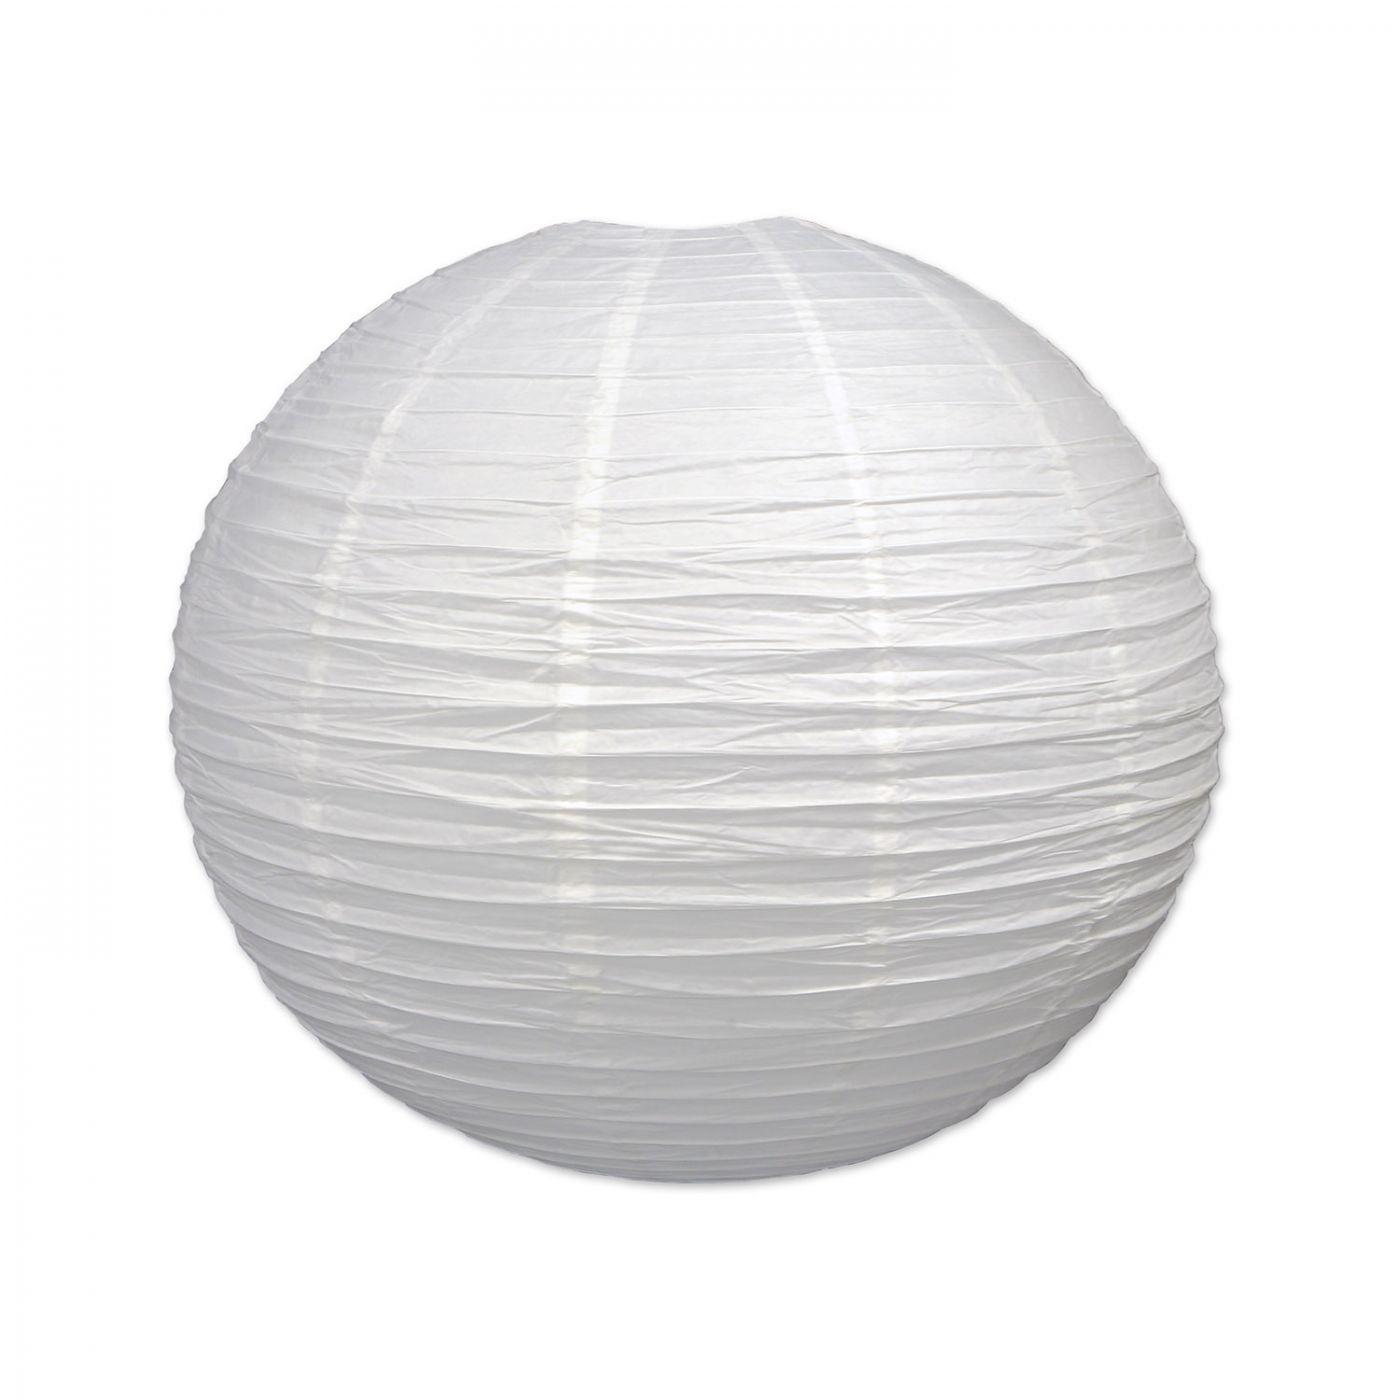 Jumbo Paper Lantern (6) image